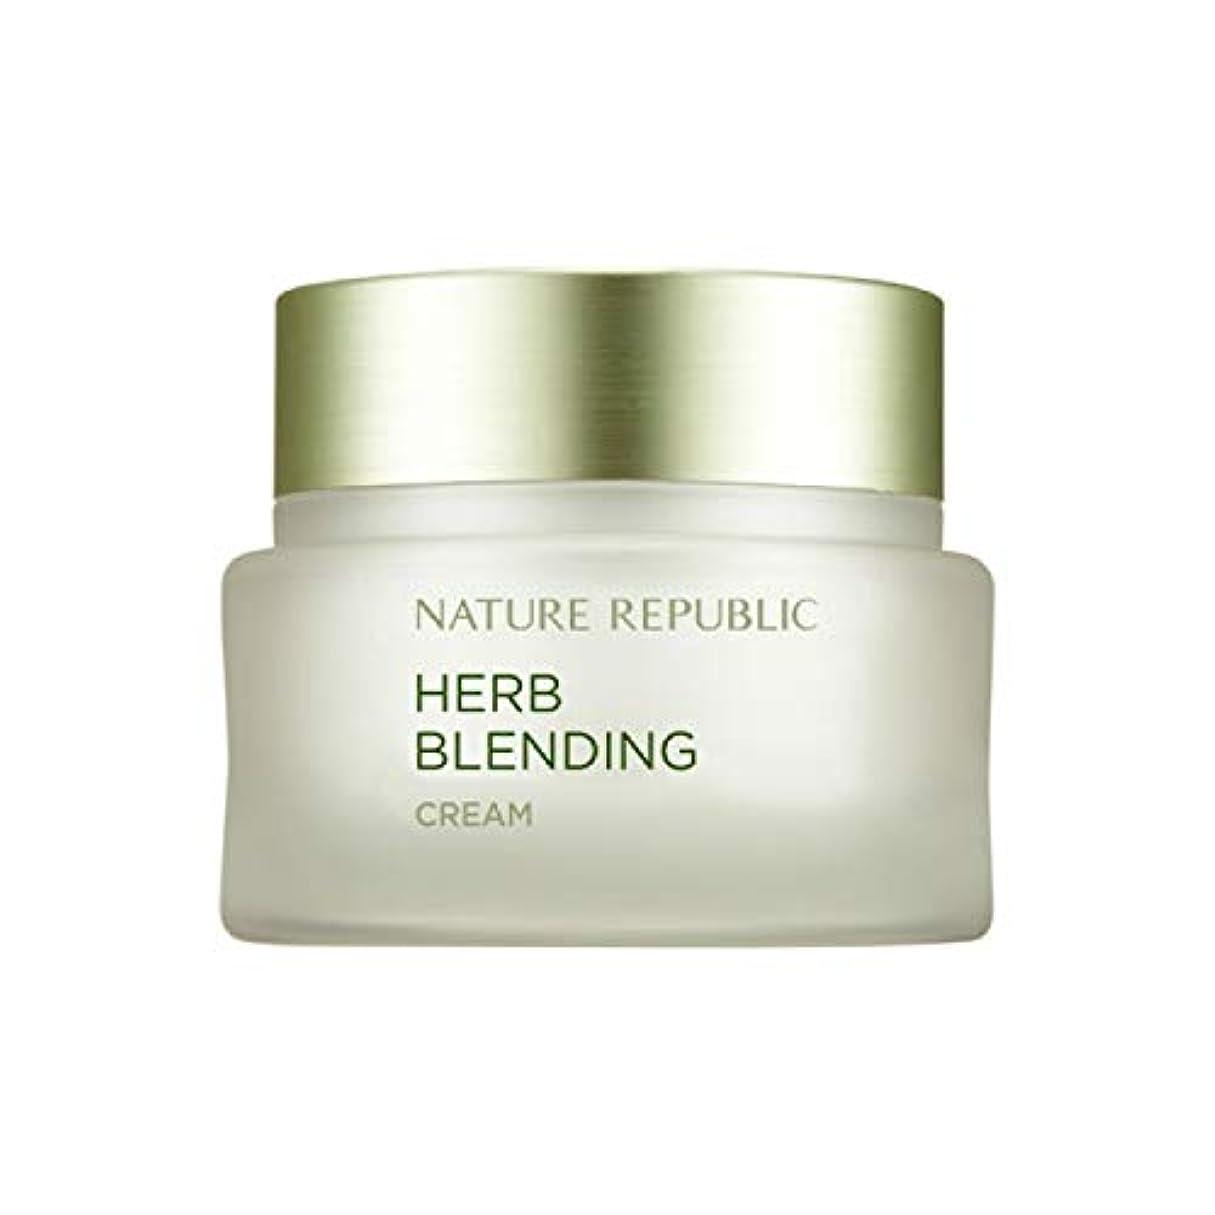 詳細な人質デザートネイチャーリパブリック(Nature Republic)ハブブレンドクリーム 50ml / Herb Blending Cream 50ml :: 韓国コスメ [並行輸入品]